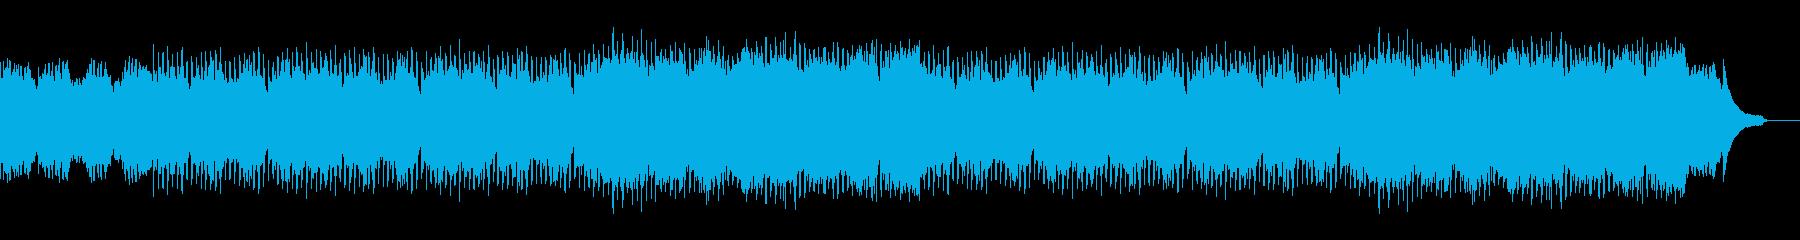 企業VP124、爽快、シンプル、ピアノaの再生済みの波形